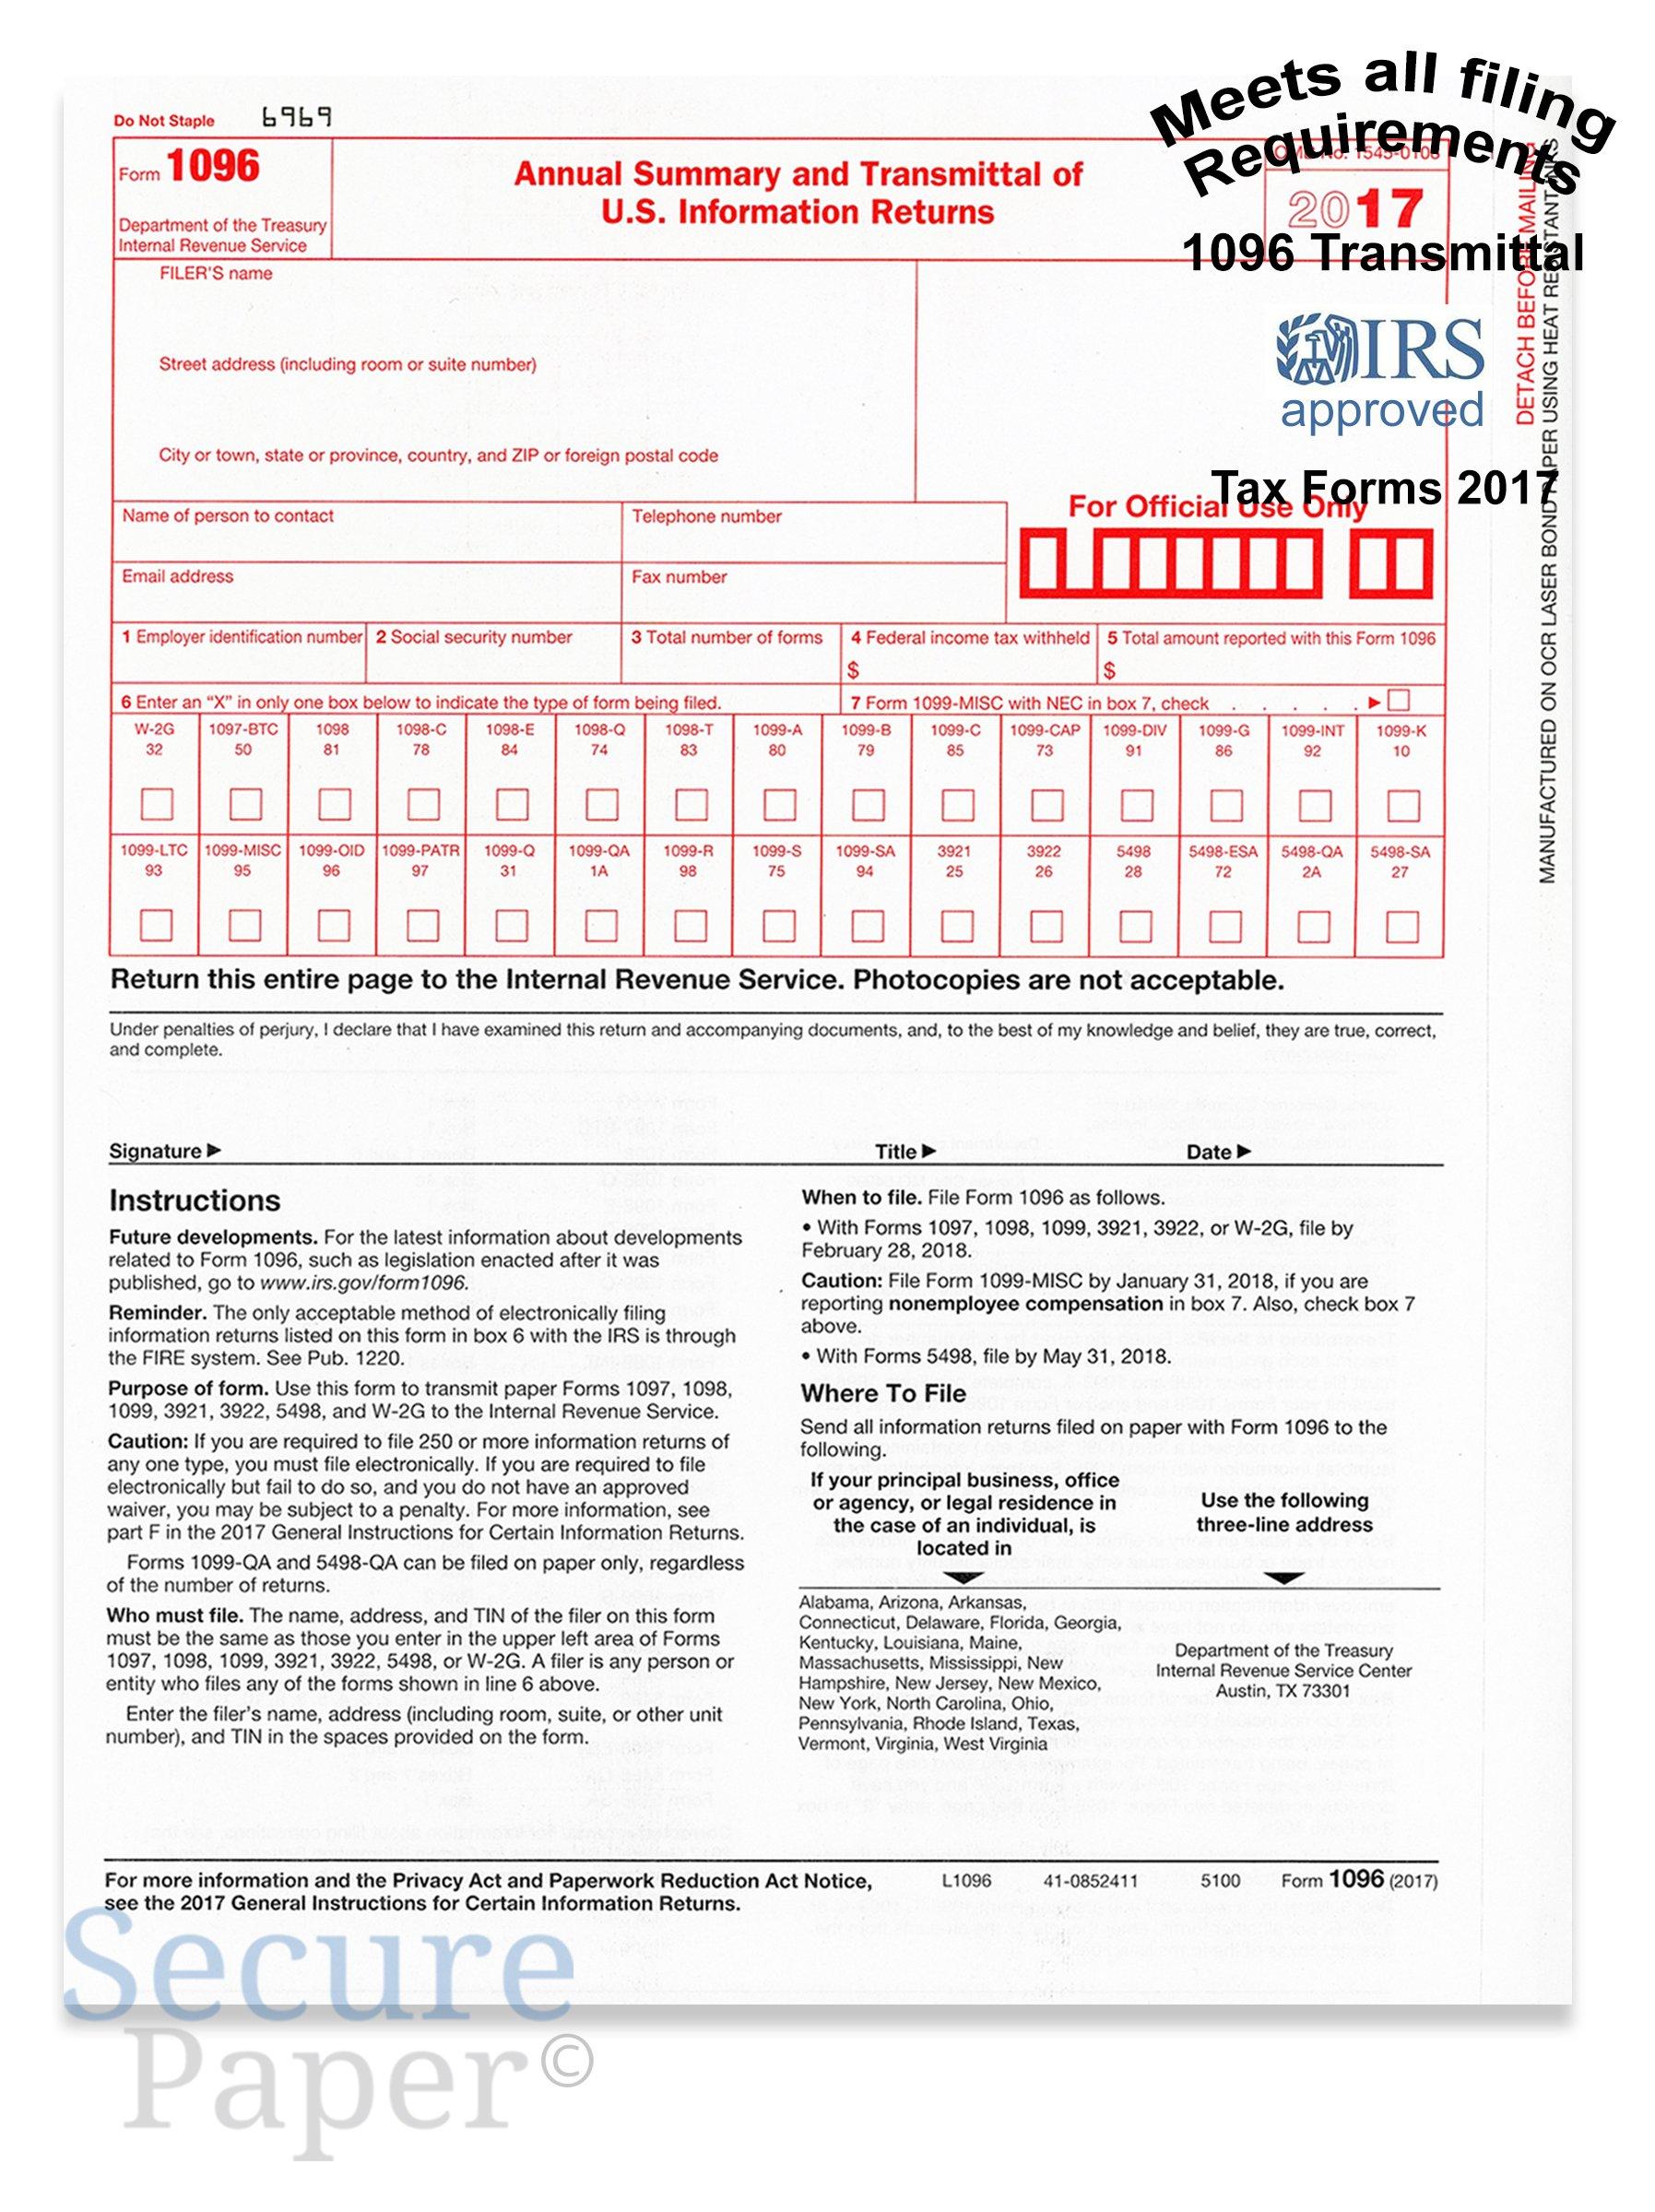 1096 Transmittal/summary Laser Tax Form -25 Pack- 2017 - 1096 - 25 ...